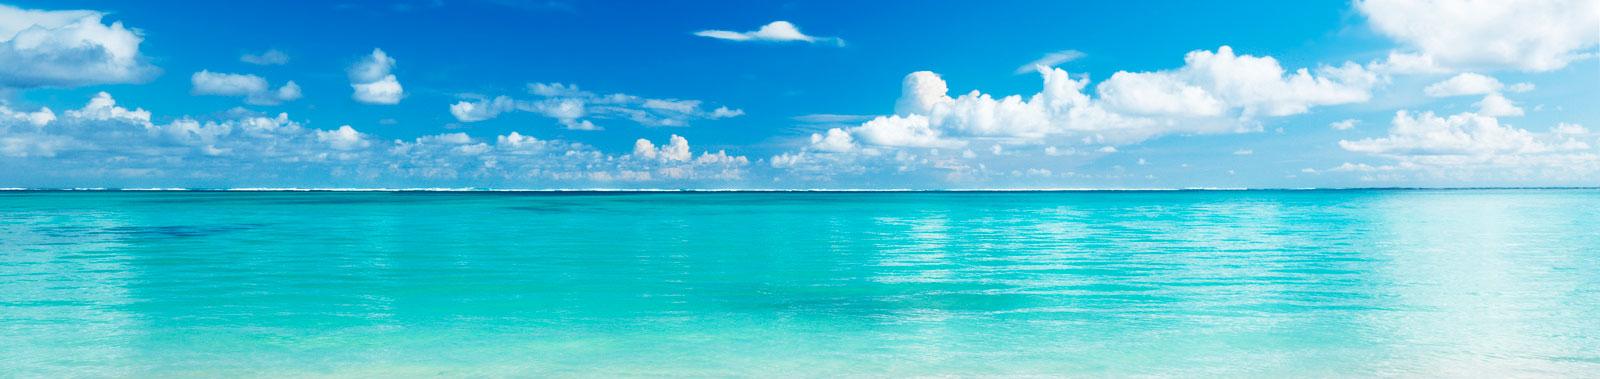 slider-ocean-bleu-transformation-digitale